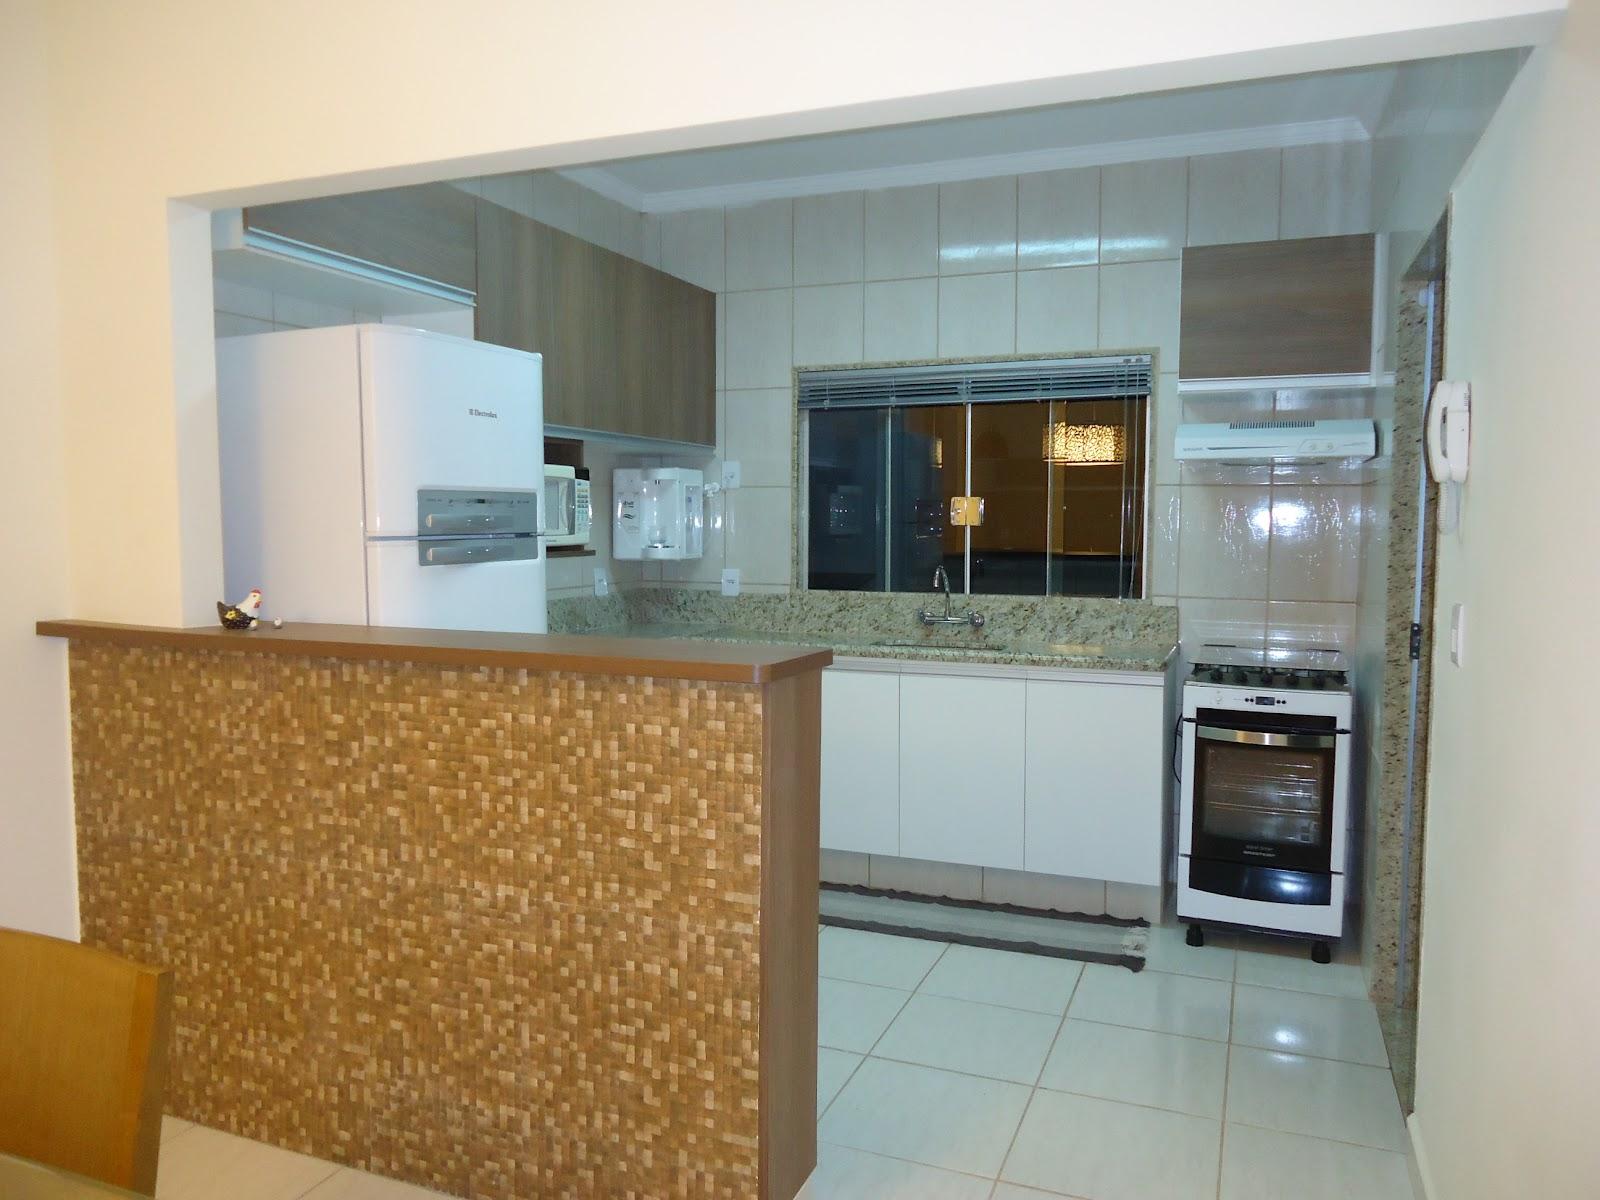 sala de jantar e a cozinha são separadas por um balcão de apoio  #754F1F 1600 1200